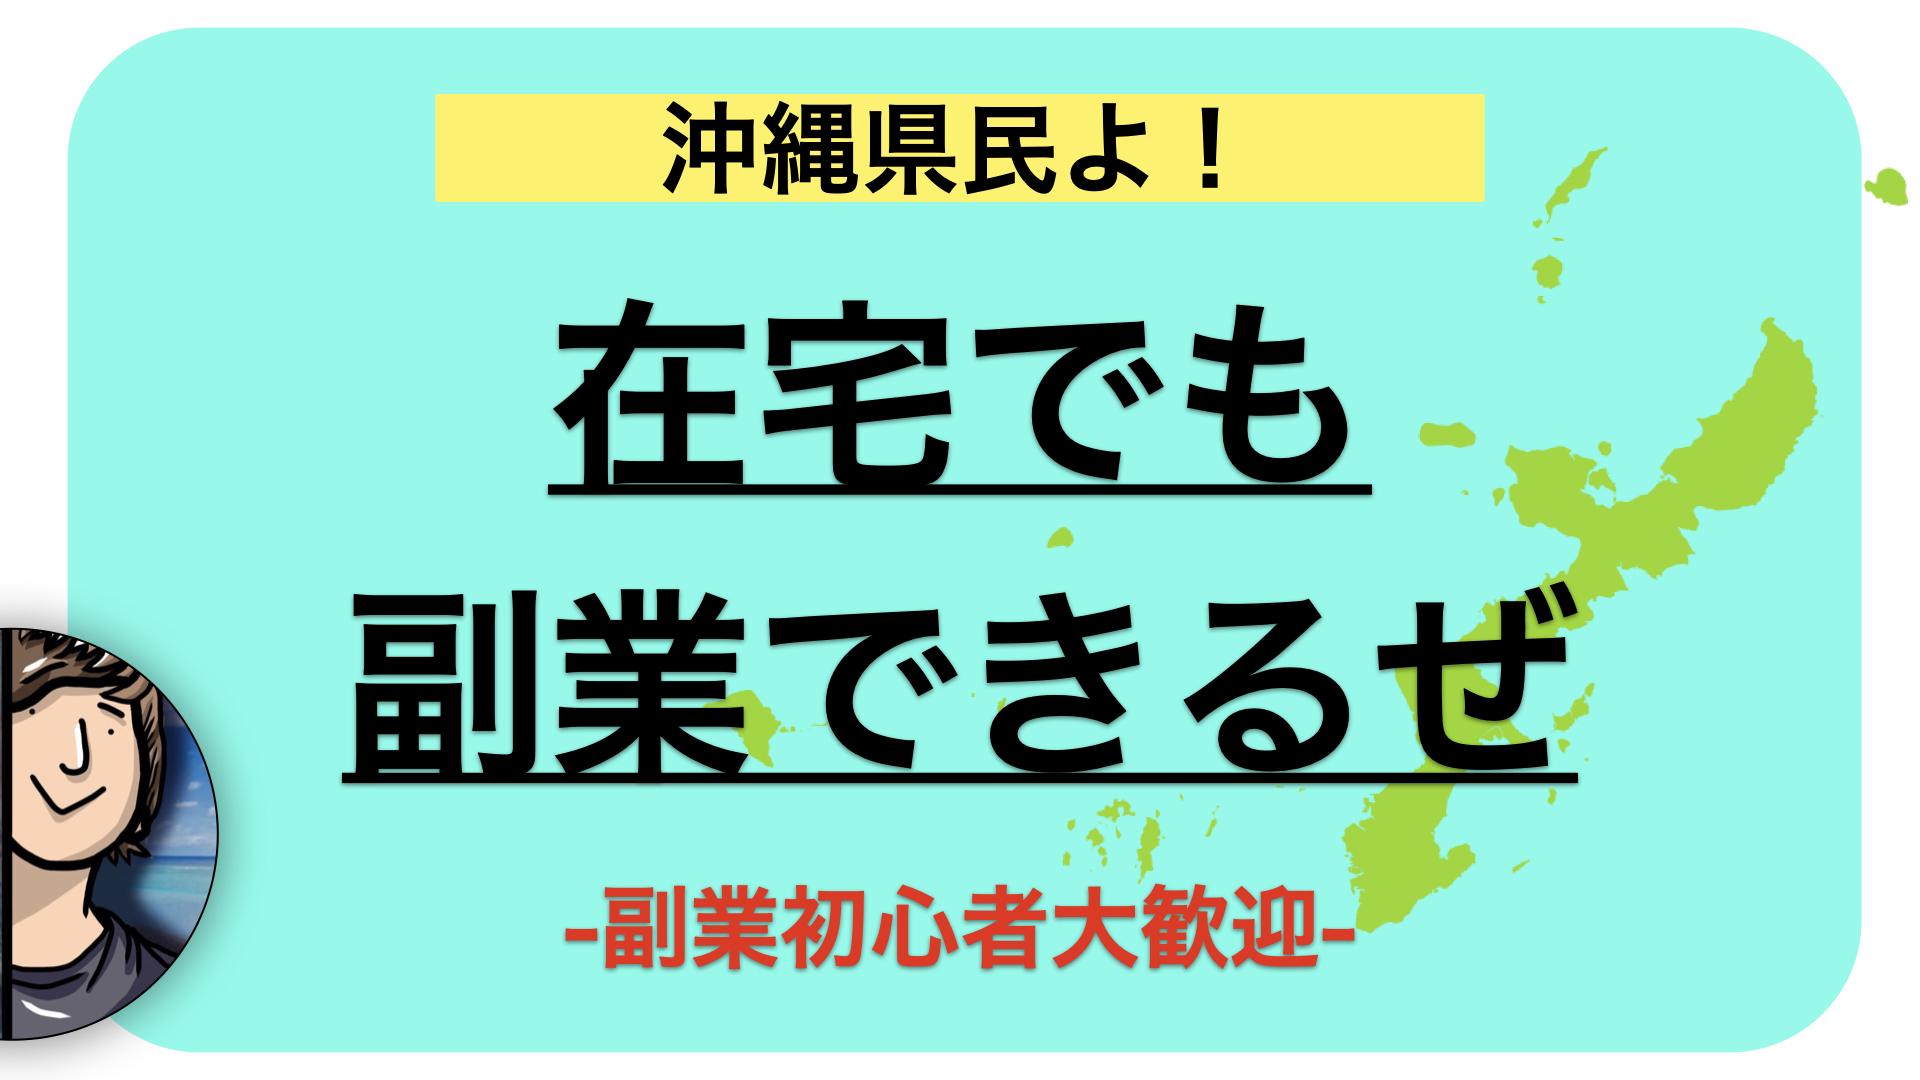 沖縄でも出来る在宅ワークとは副業初心者歓迎